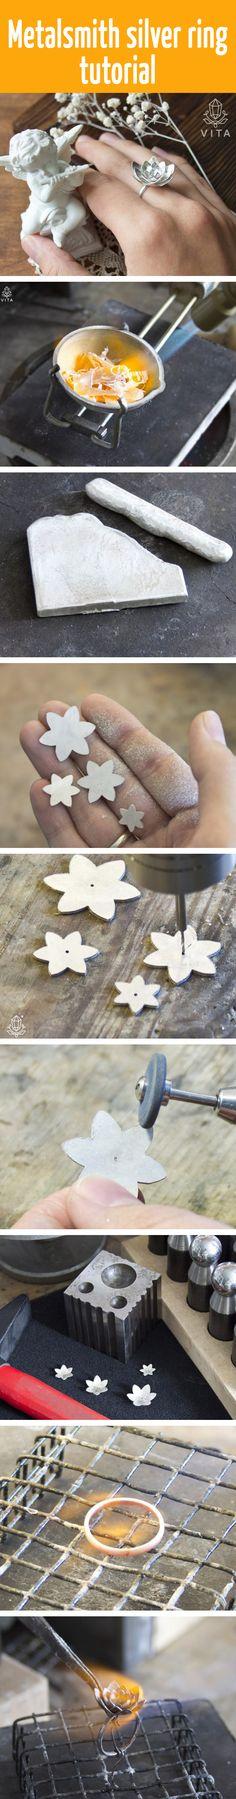 Metalsmith silver ring tutorial